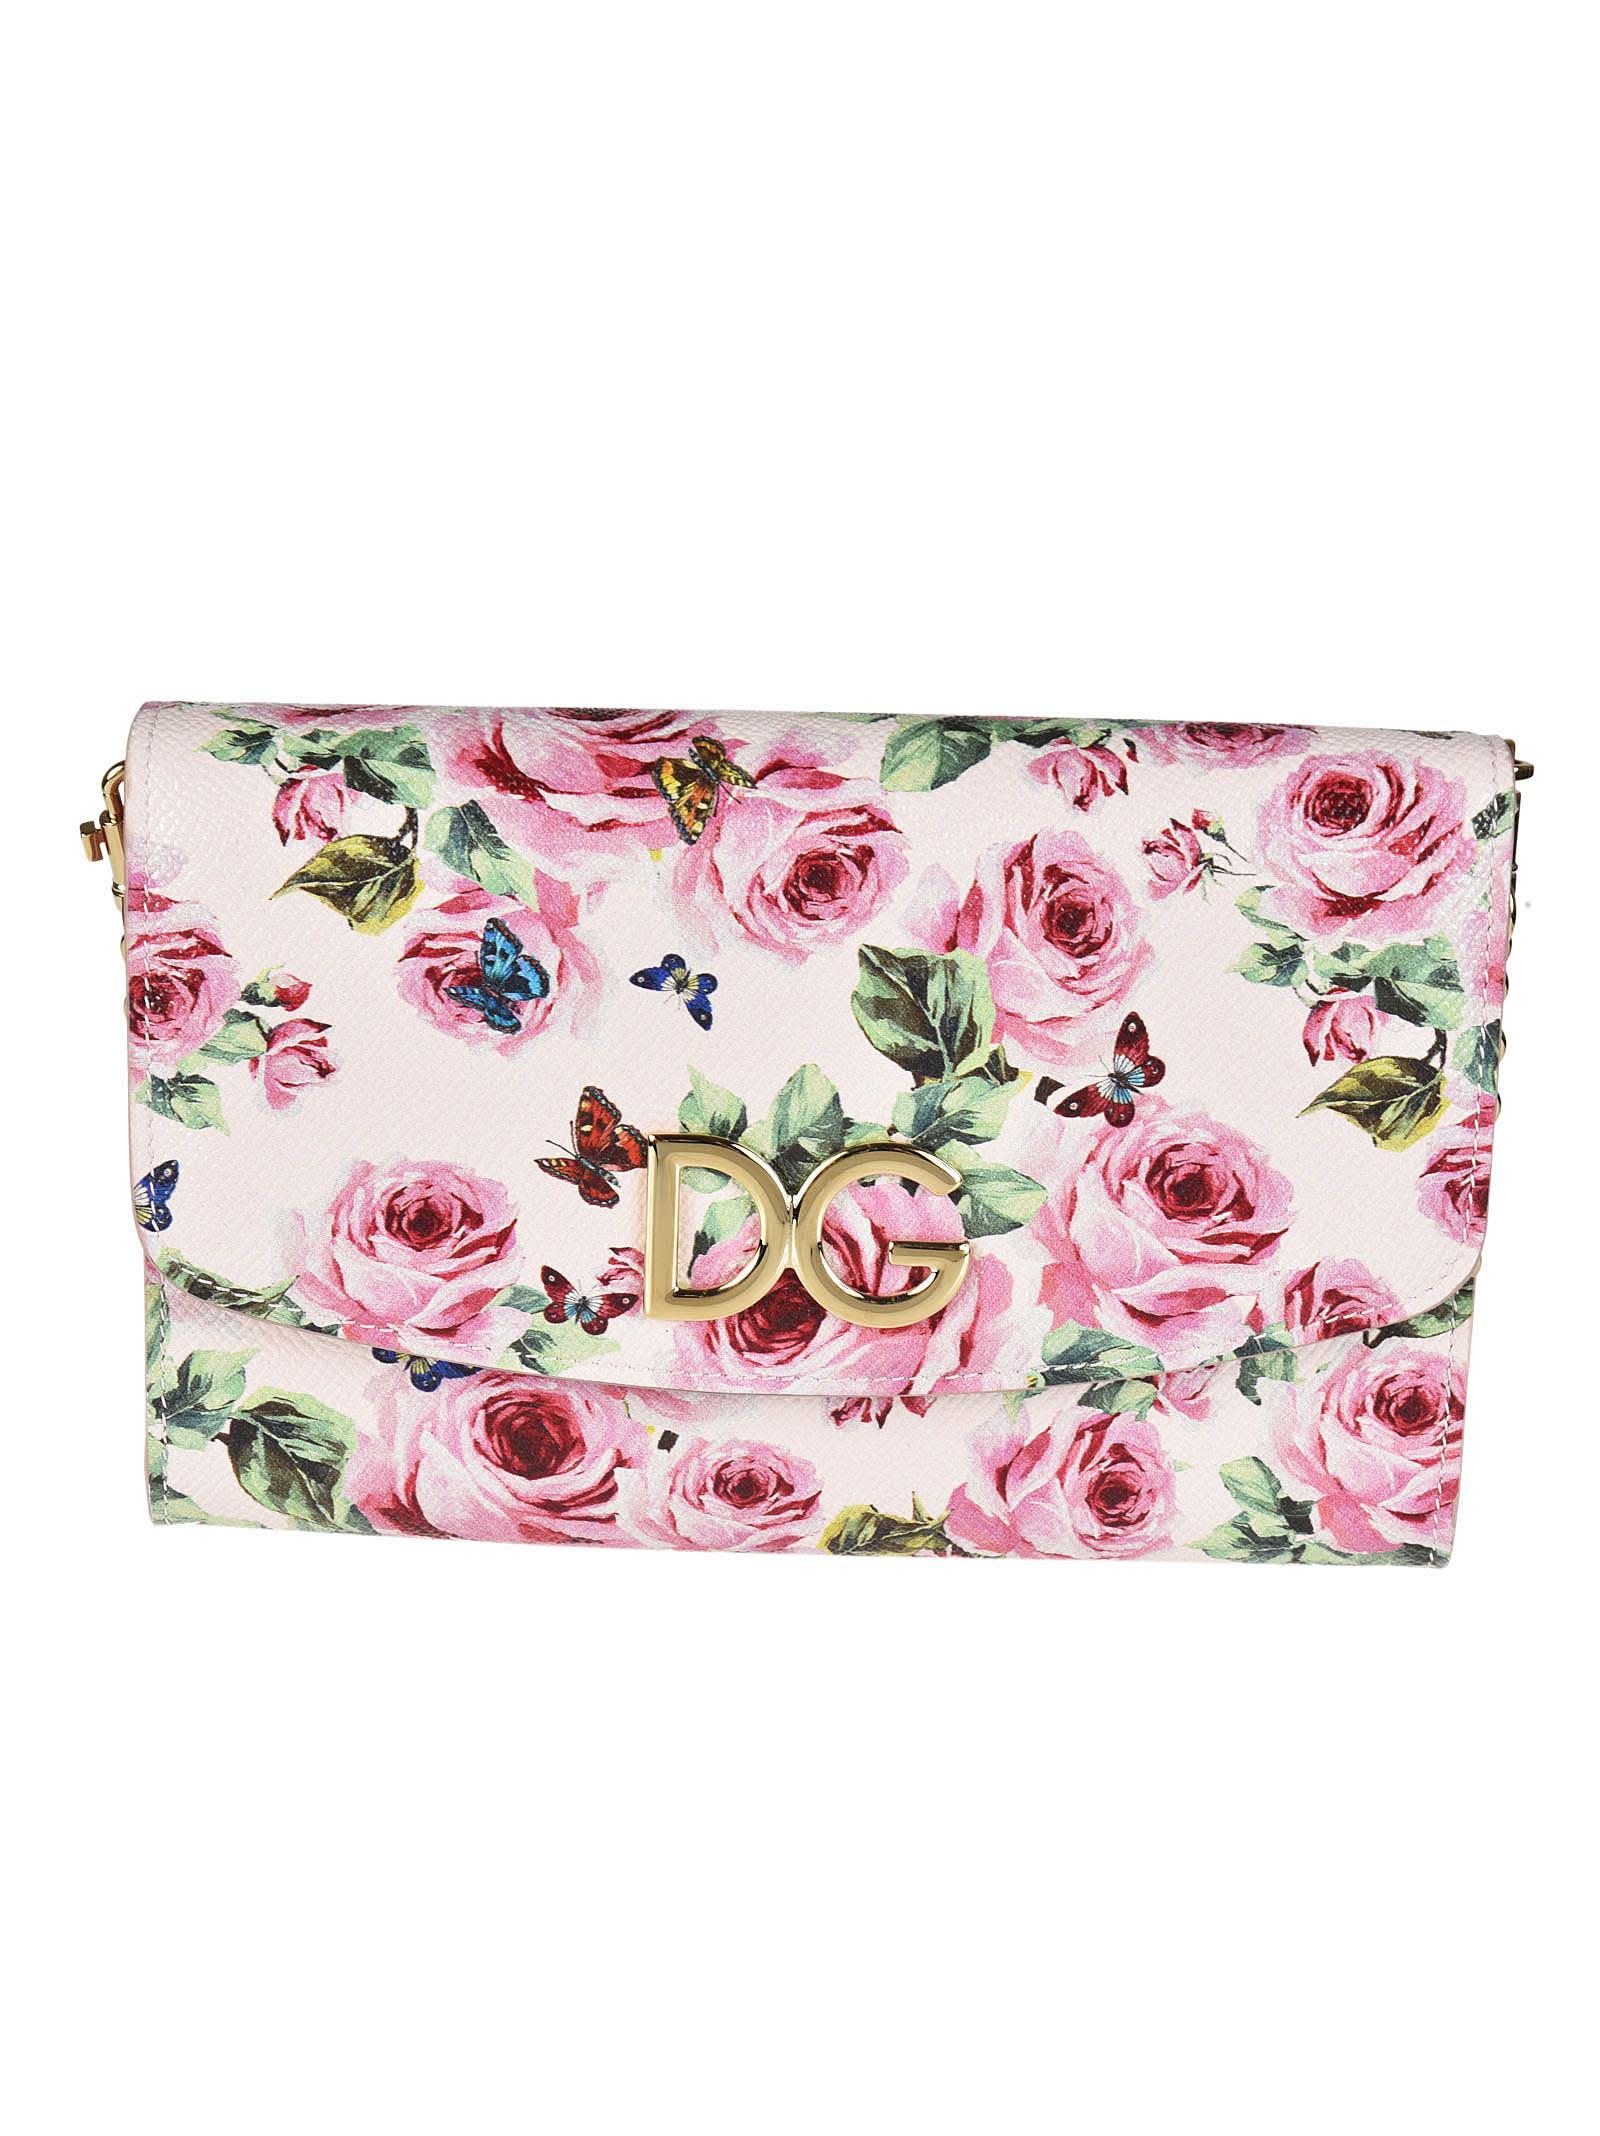 Dolce & Gabbana Rose Print Shoulder Bag